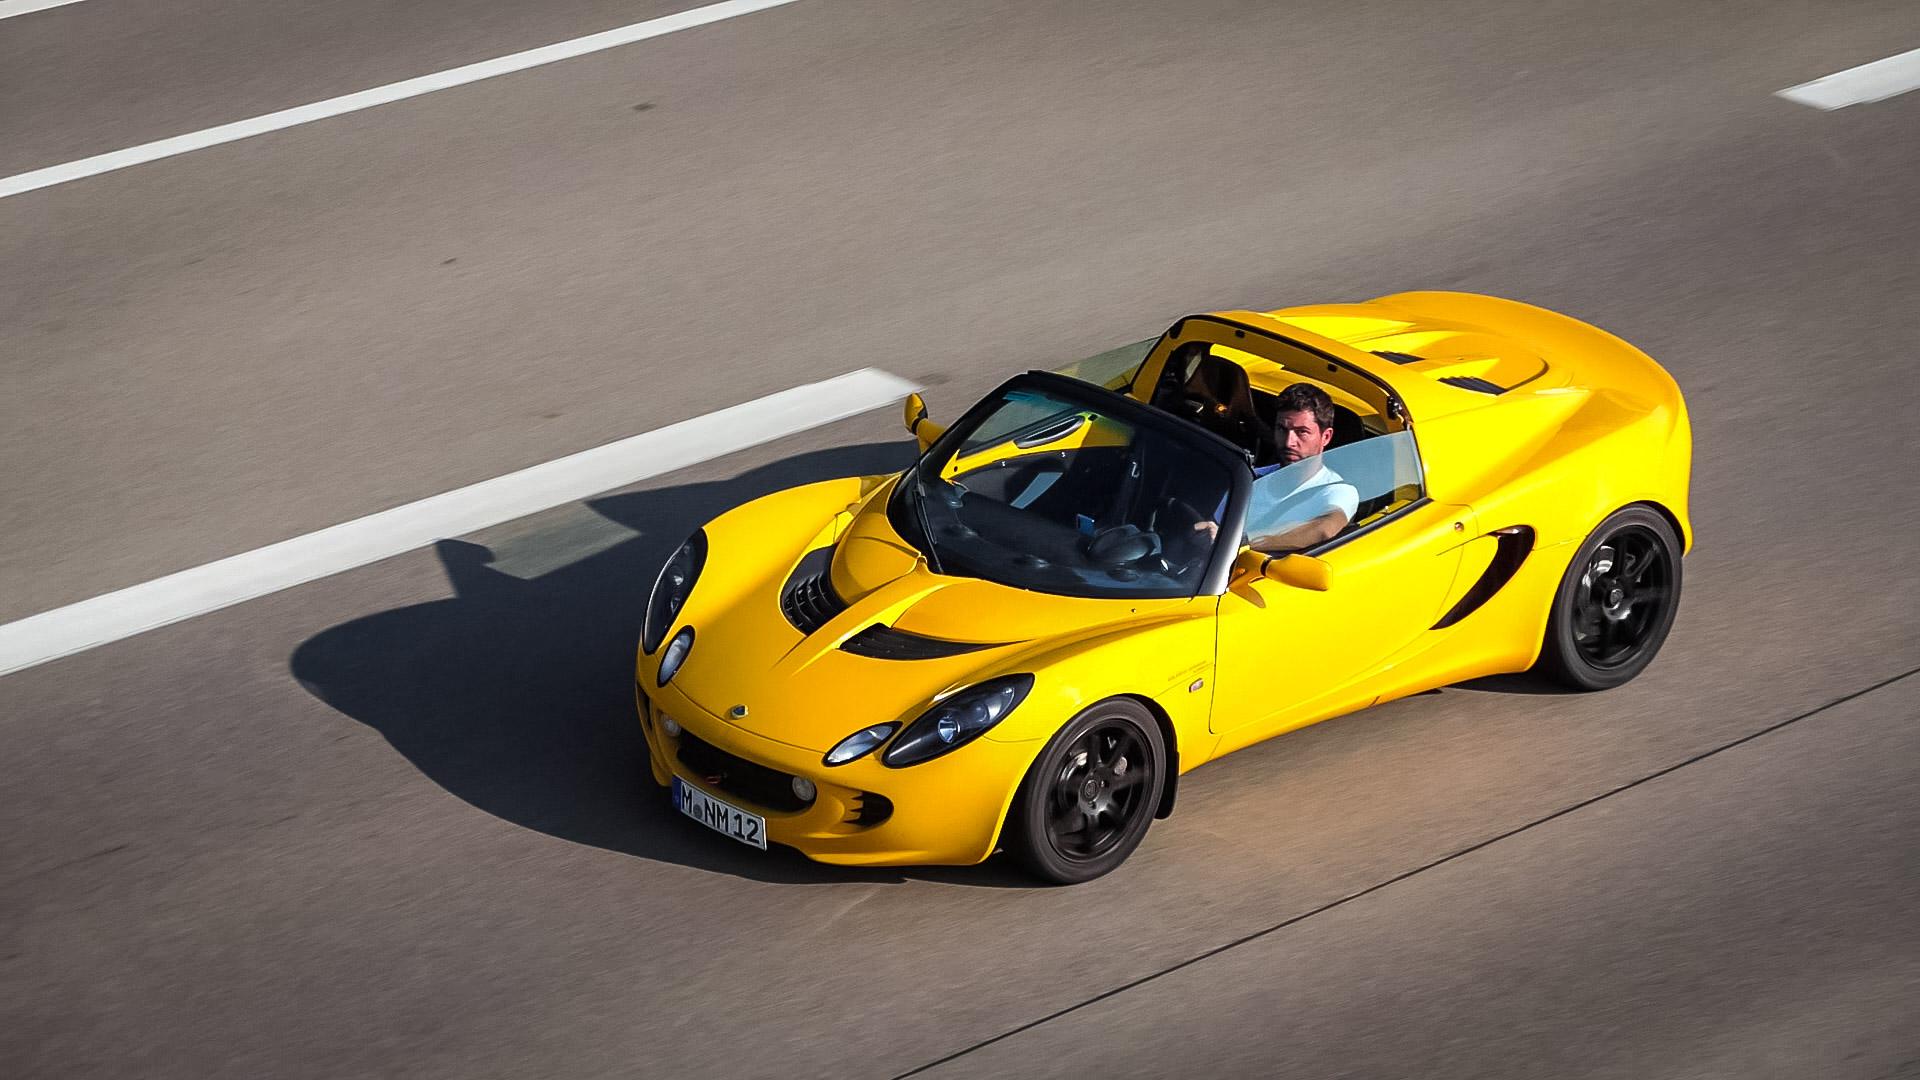 Lotus Elise S2 - M-NM-12